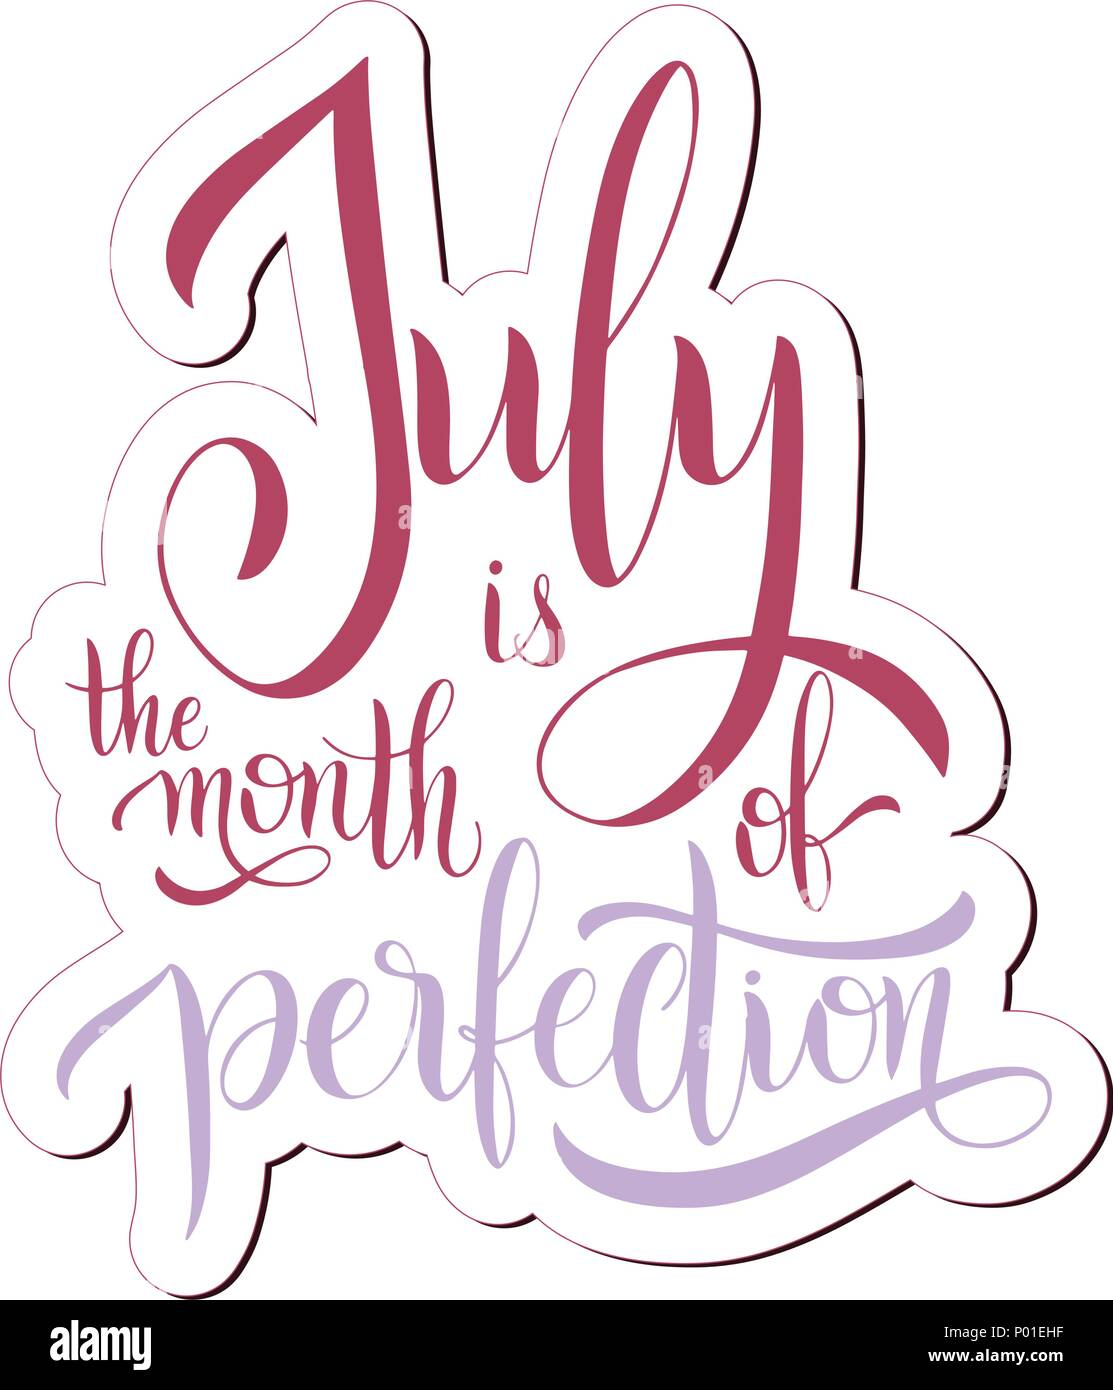 Julio es el mes de la perfección. Hola Julio de rotulación. Elementos para invitaciones, carteles, tarjetas de felicitación. Felicidades Imagen De Stock